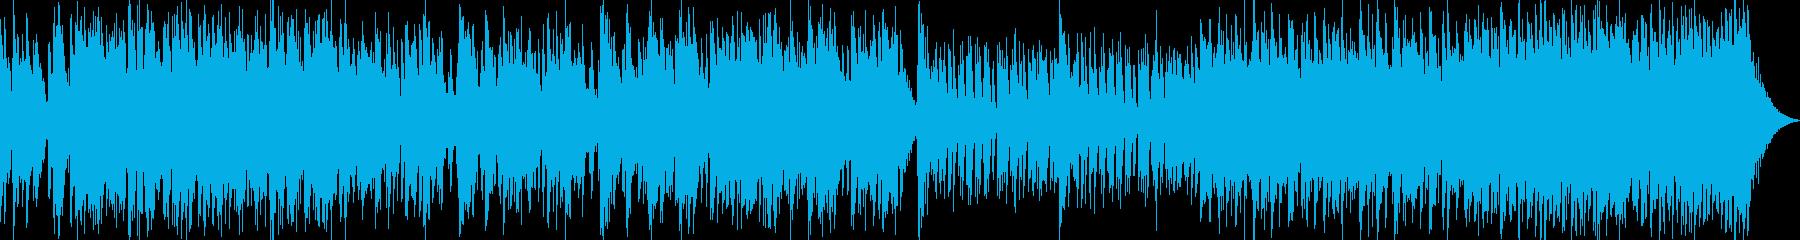 日本伝統音楽2(和太鼓)の再生済みの波形